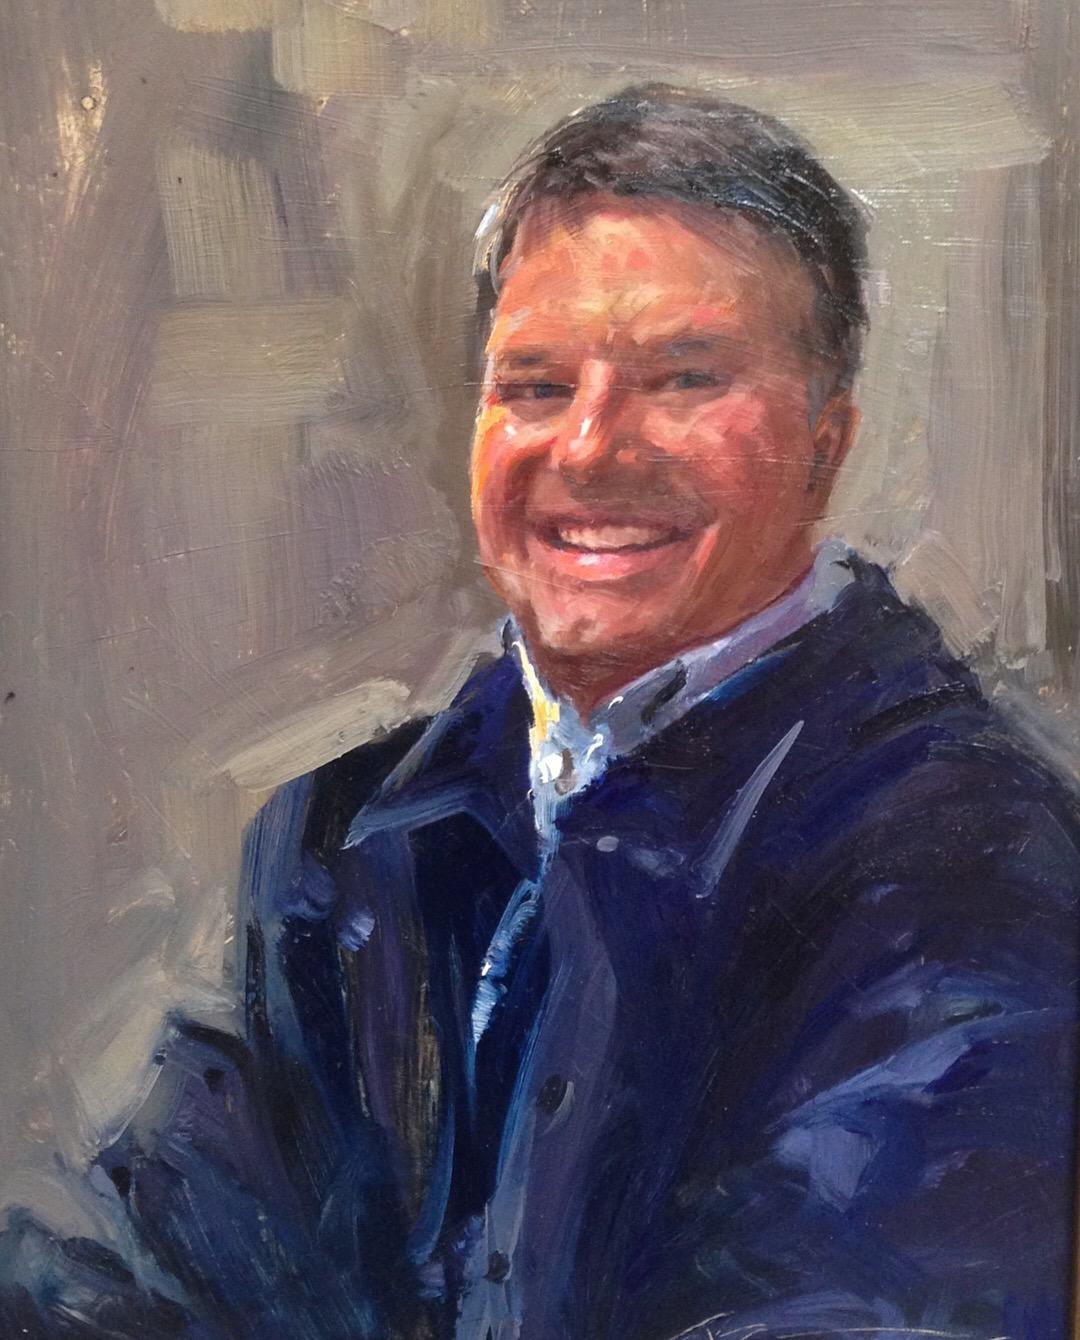 Senator Greg Standridge